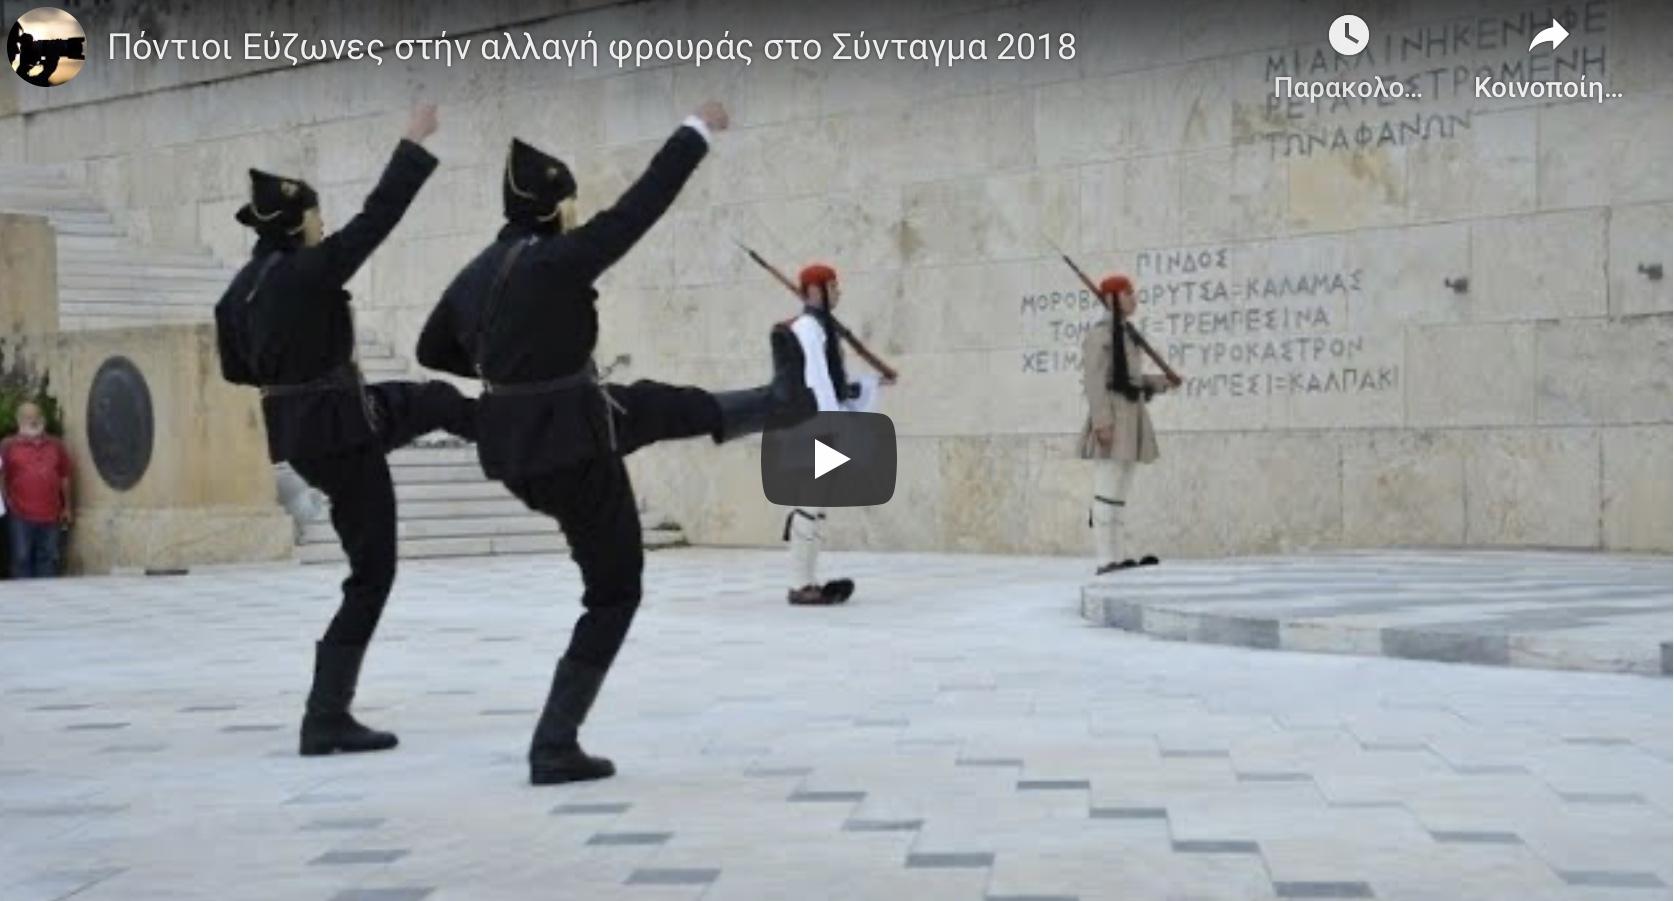 Ανατριχίλα! Η αλλαγή φρουράς με τους Πόντιους Εύζωνες στο Σύνταγμα(βίντεο).